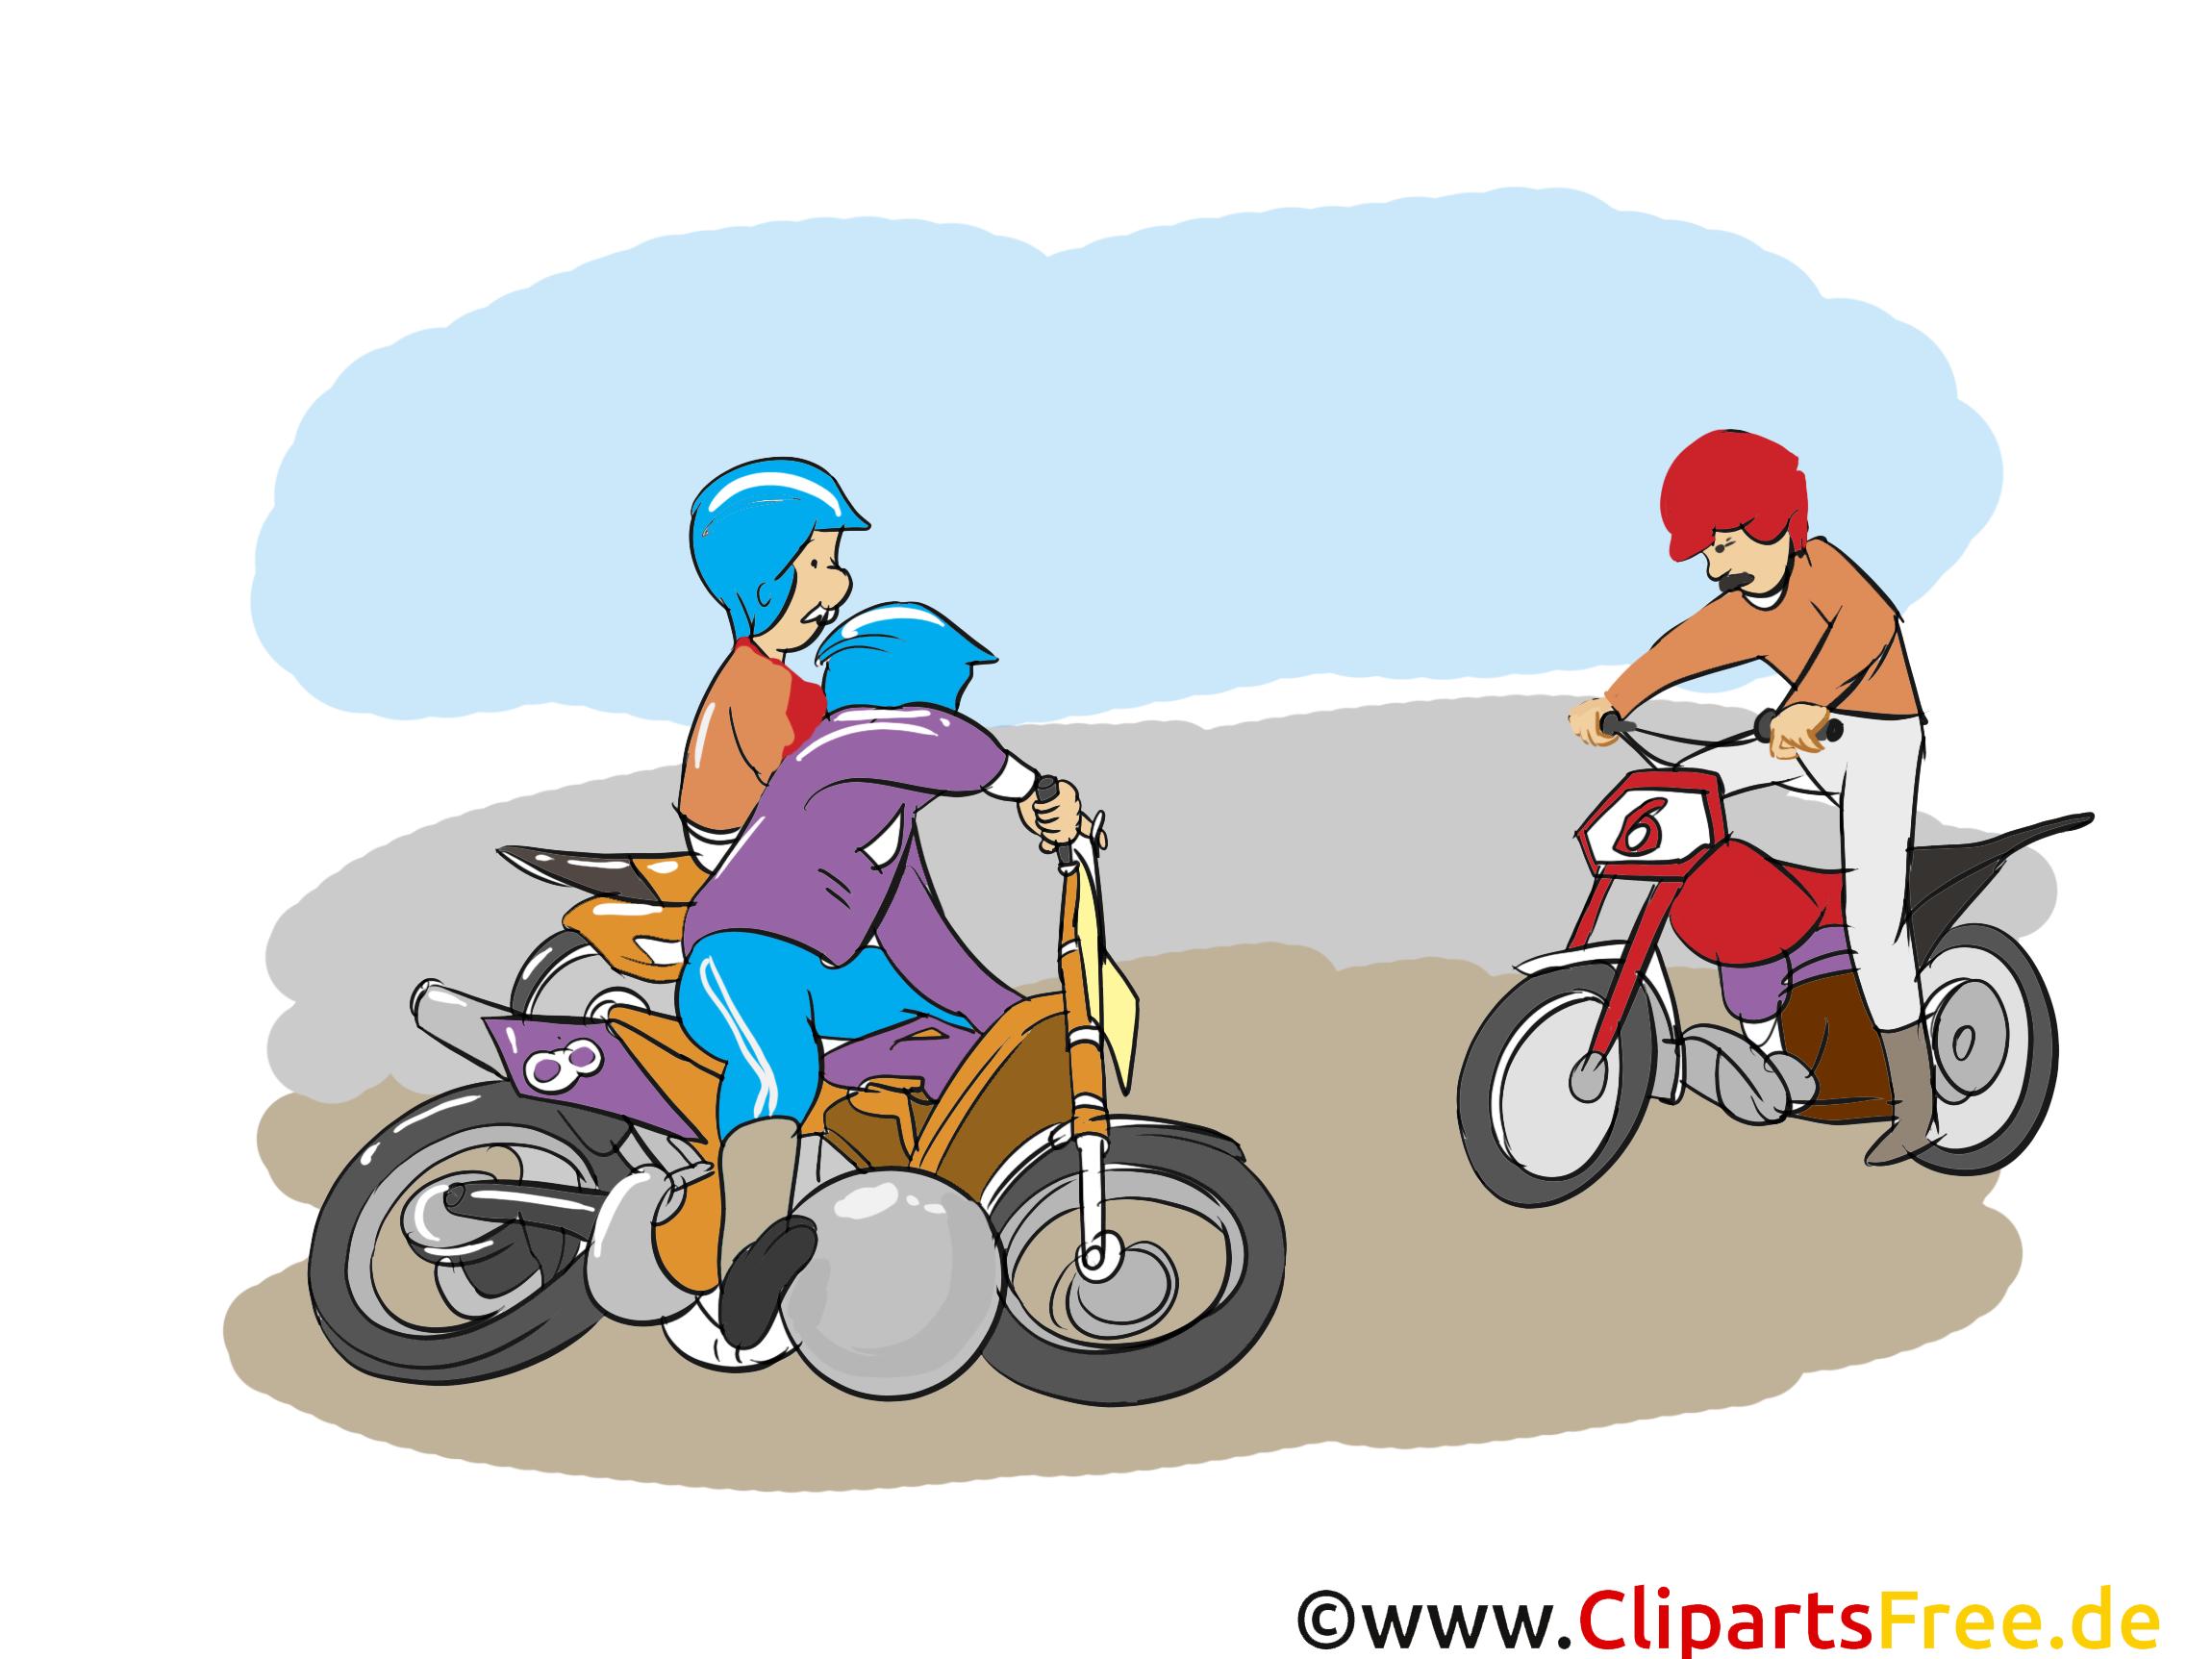 Moto-ball clipart gratuit - Course dessins gratuits